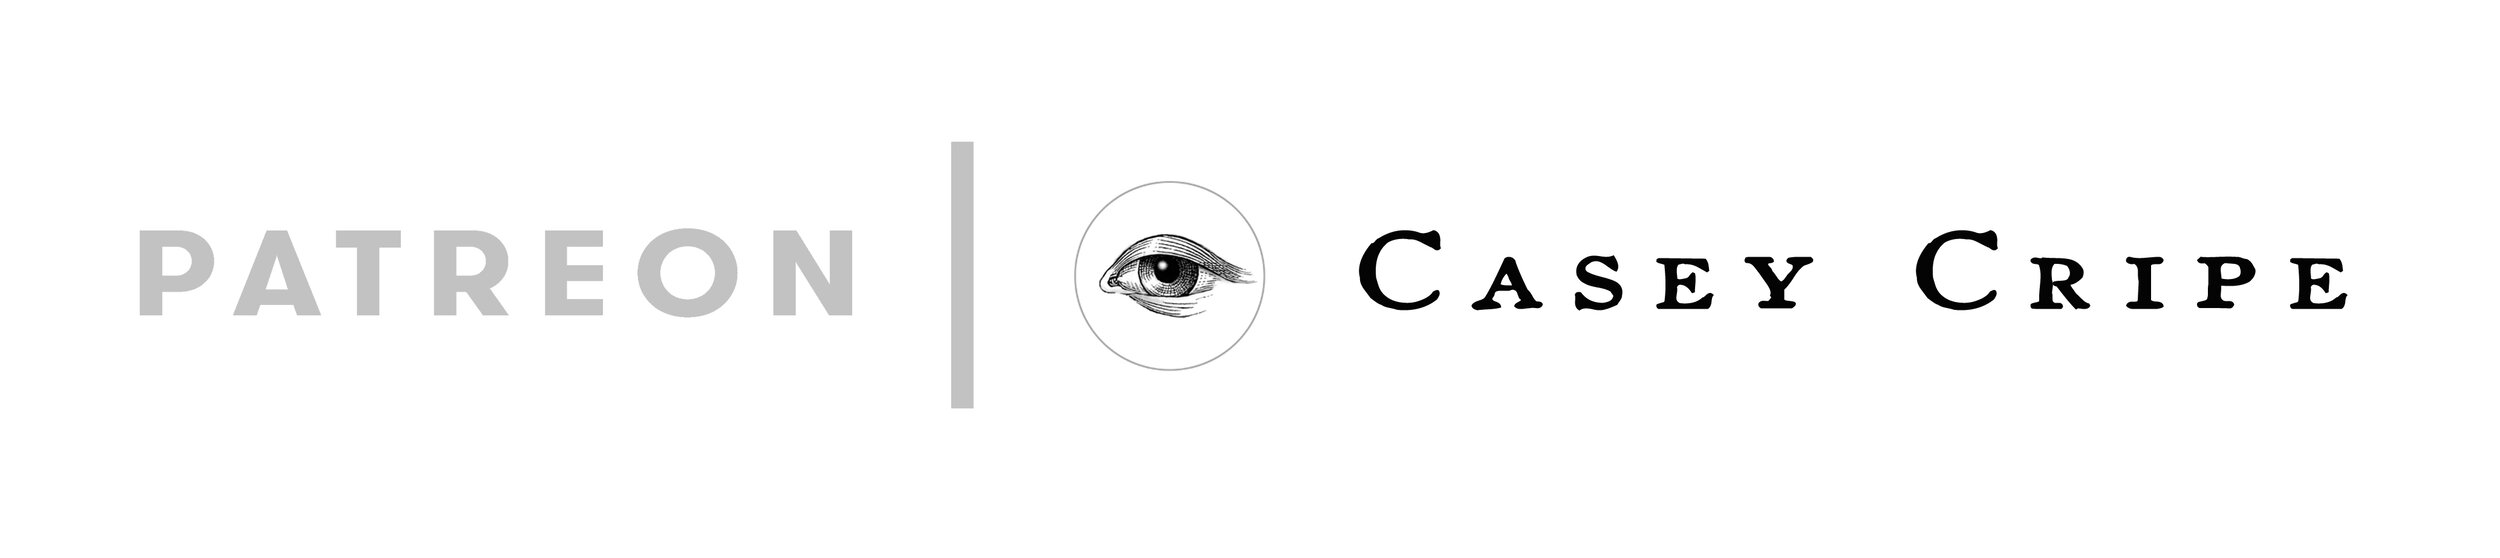 patreon-casey-cripe-button.jpg